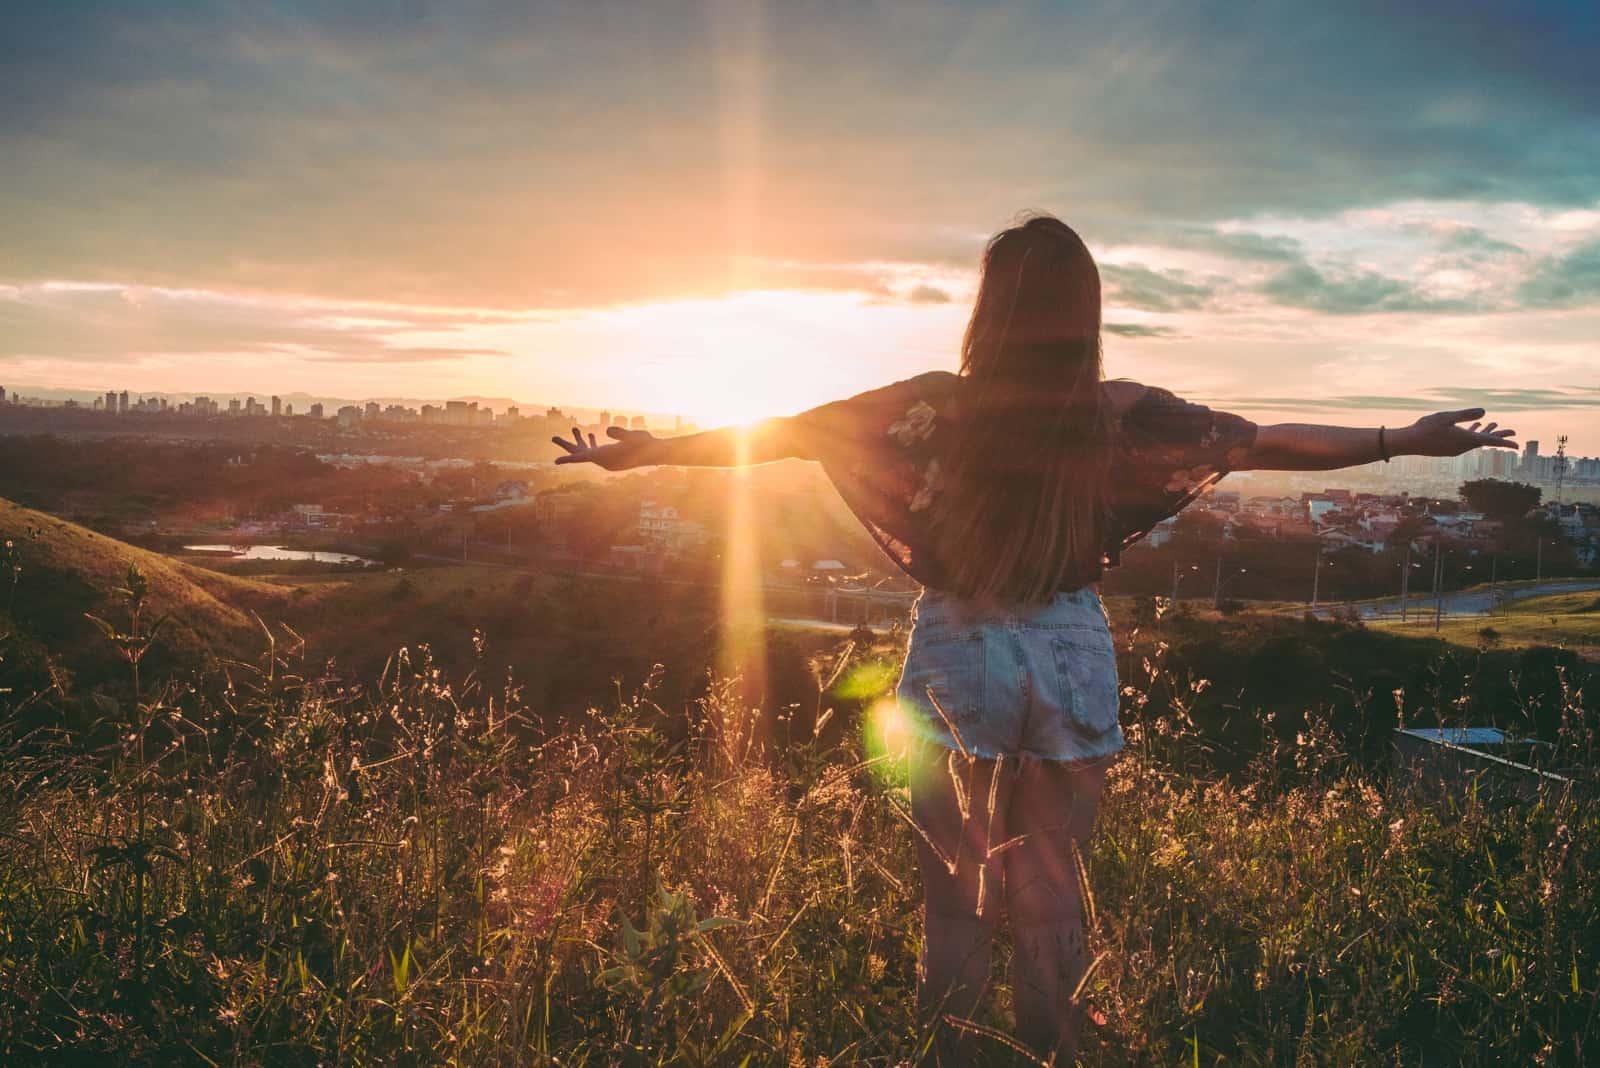 femme debout sur un champ au coucher du soleil